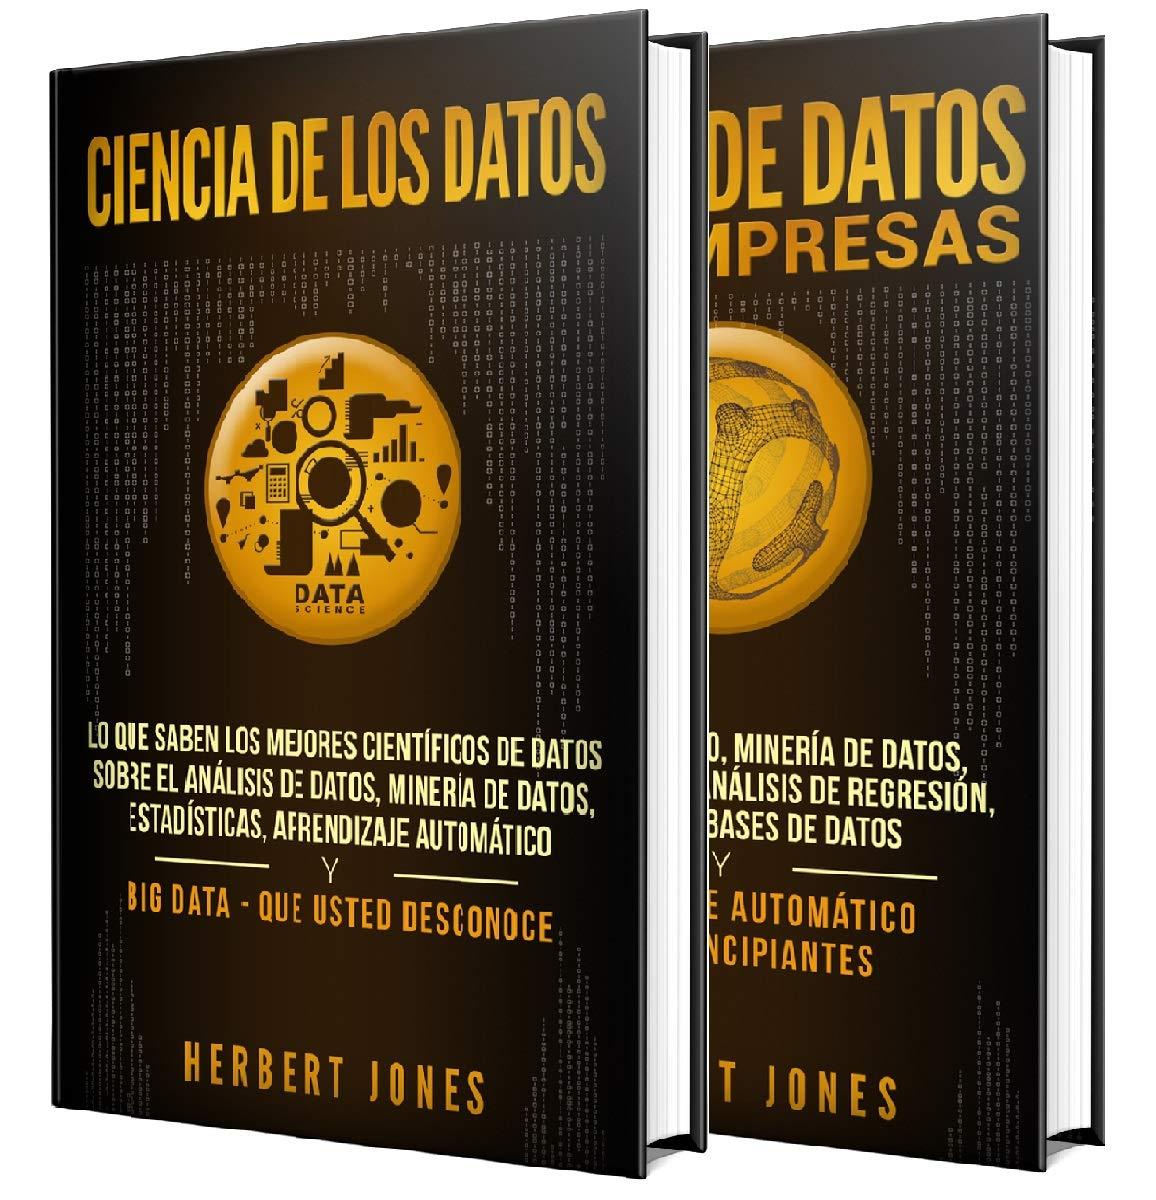 Ciencia de los datos: La guía definitiva sobre análisis de datos, minería de datos, almacenamiento de datos, visualización de datos, Big Data para empresas ... para principiantes (Spanish Edition)